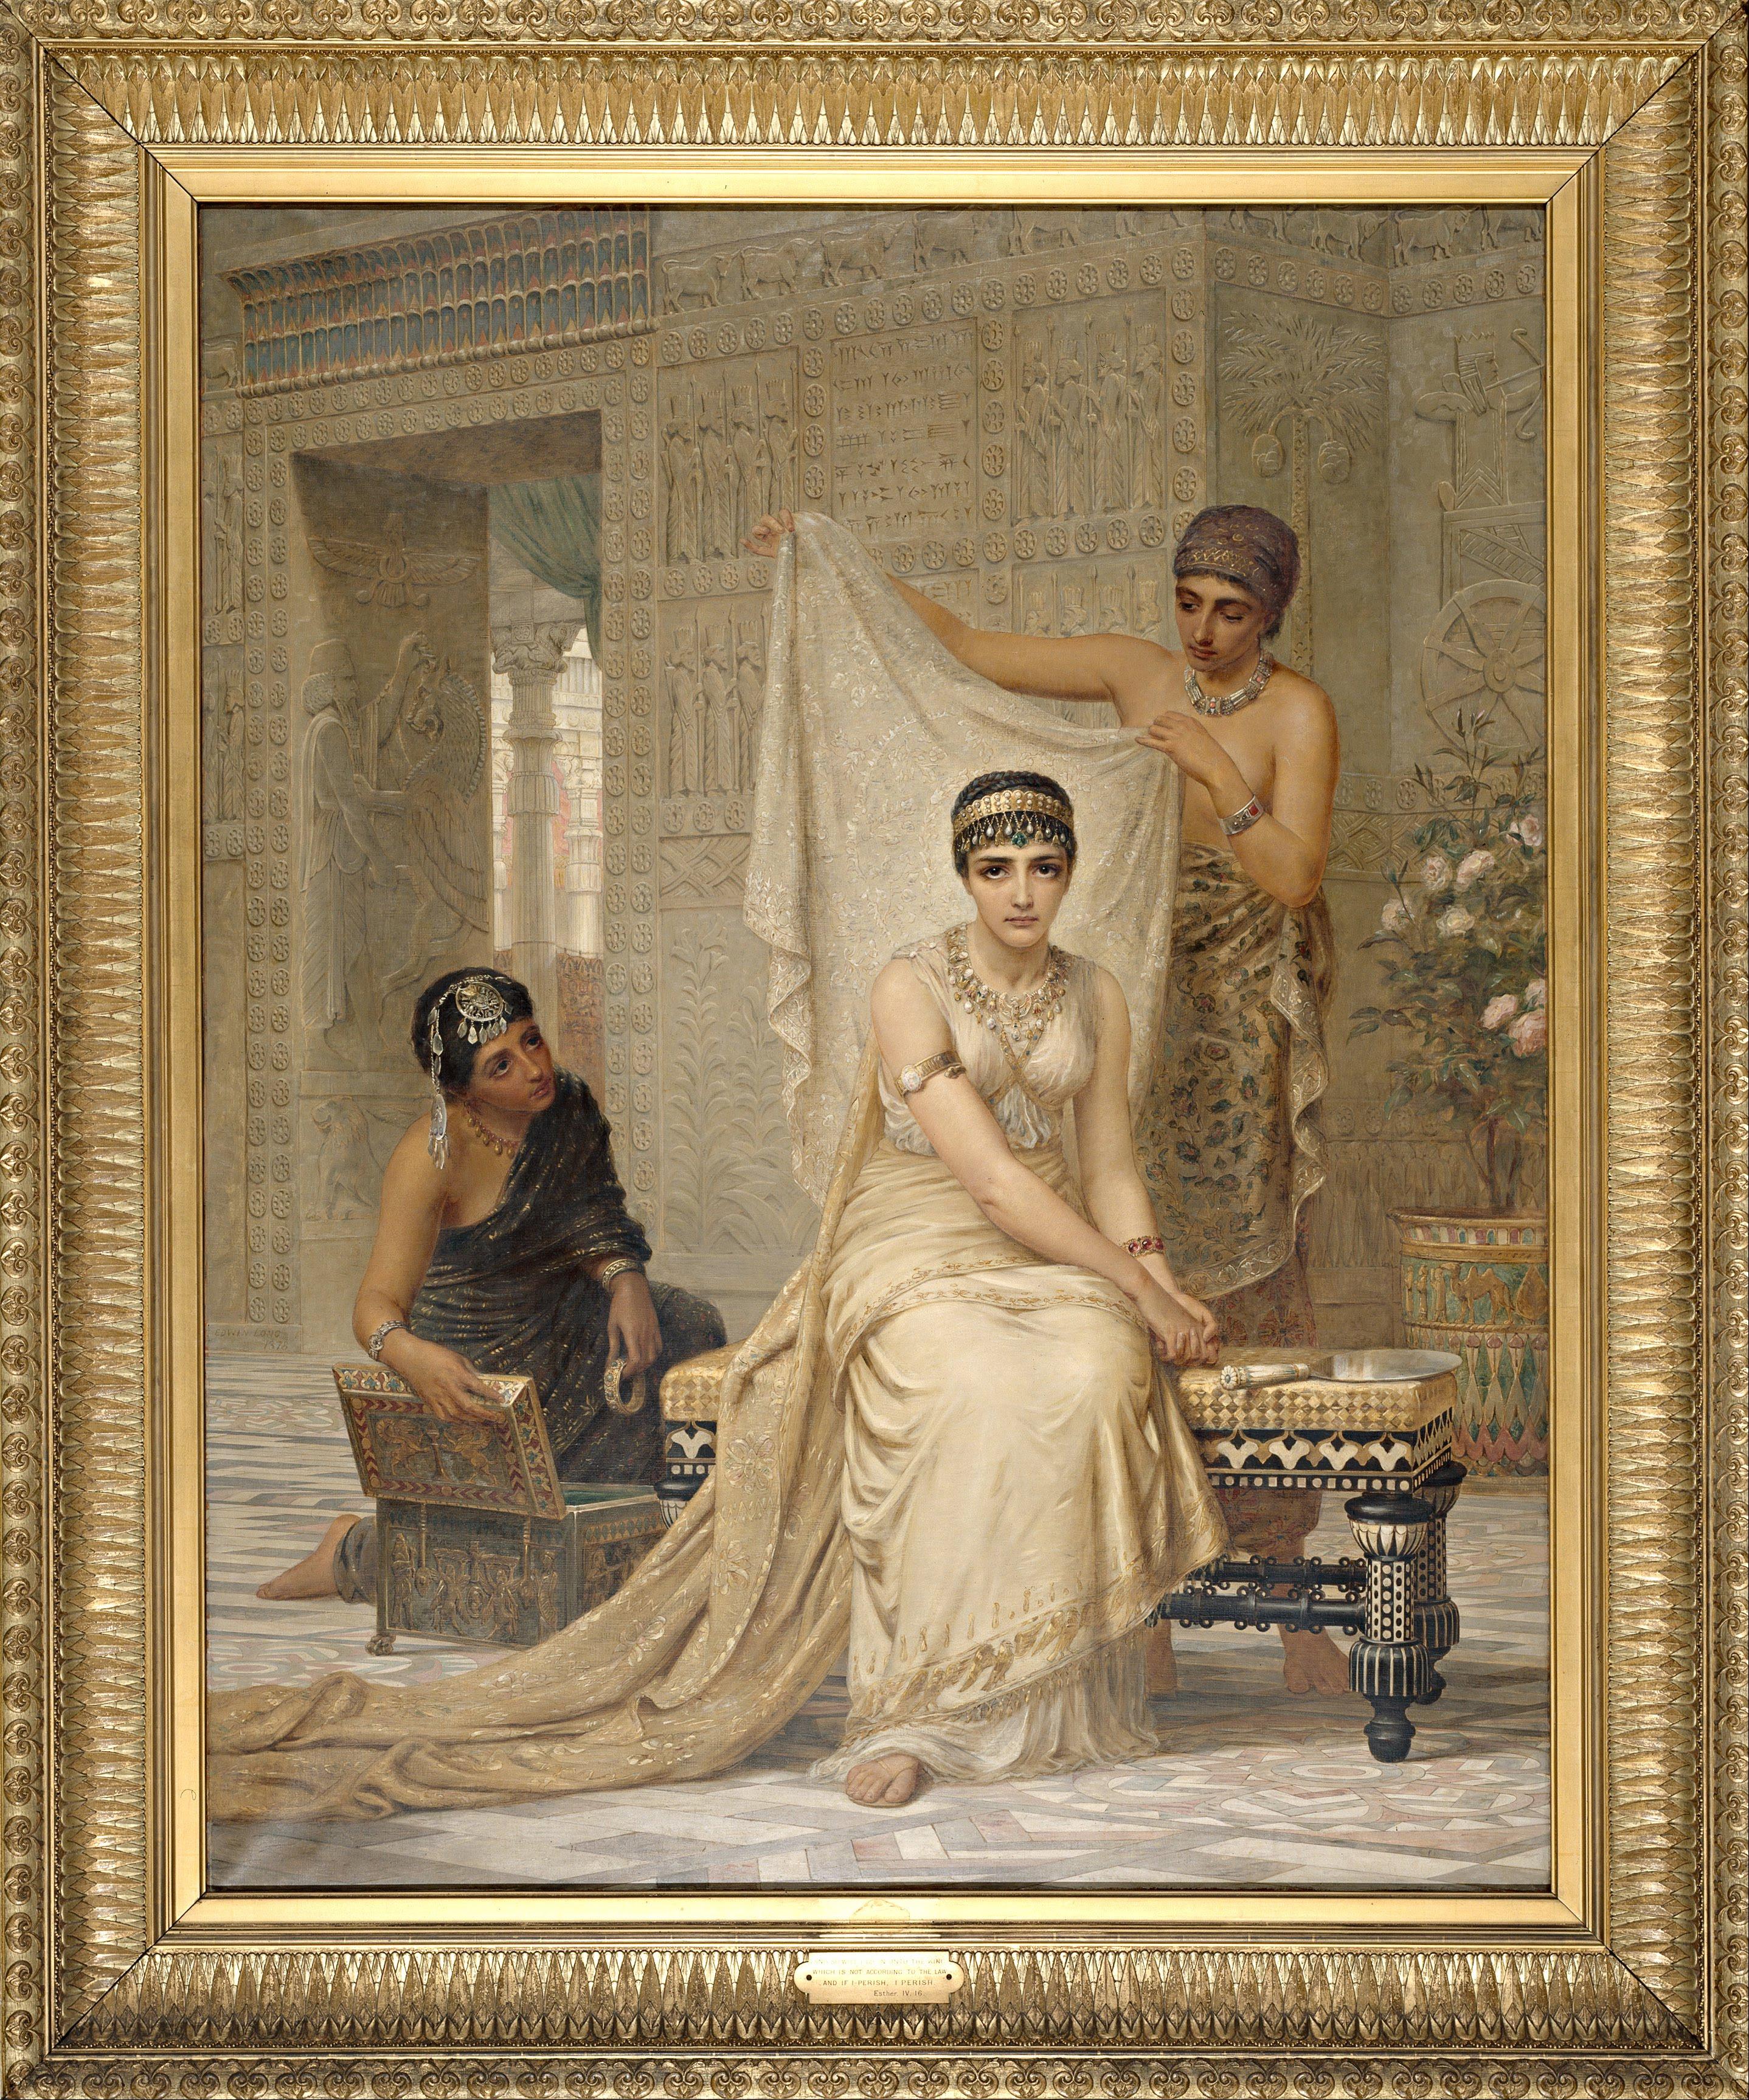 上图:英国画家埃德温·朗斯登·朗(Edwin Longsden Long,1829–1891年)1878年的油画作品《以斯帖王后 Queen Esther》。